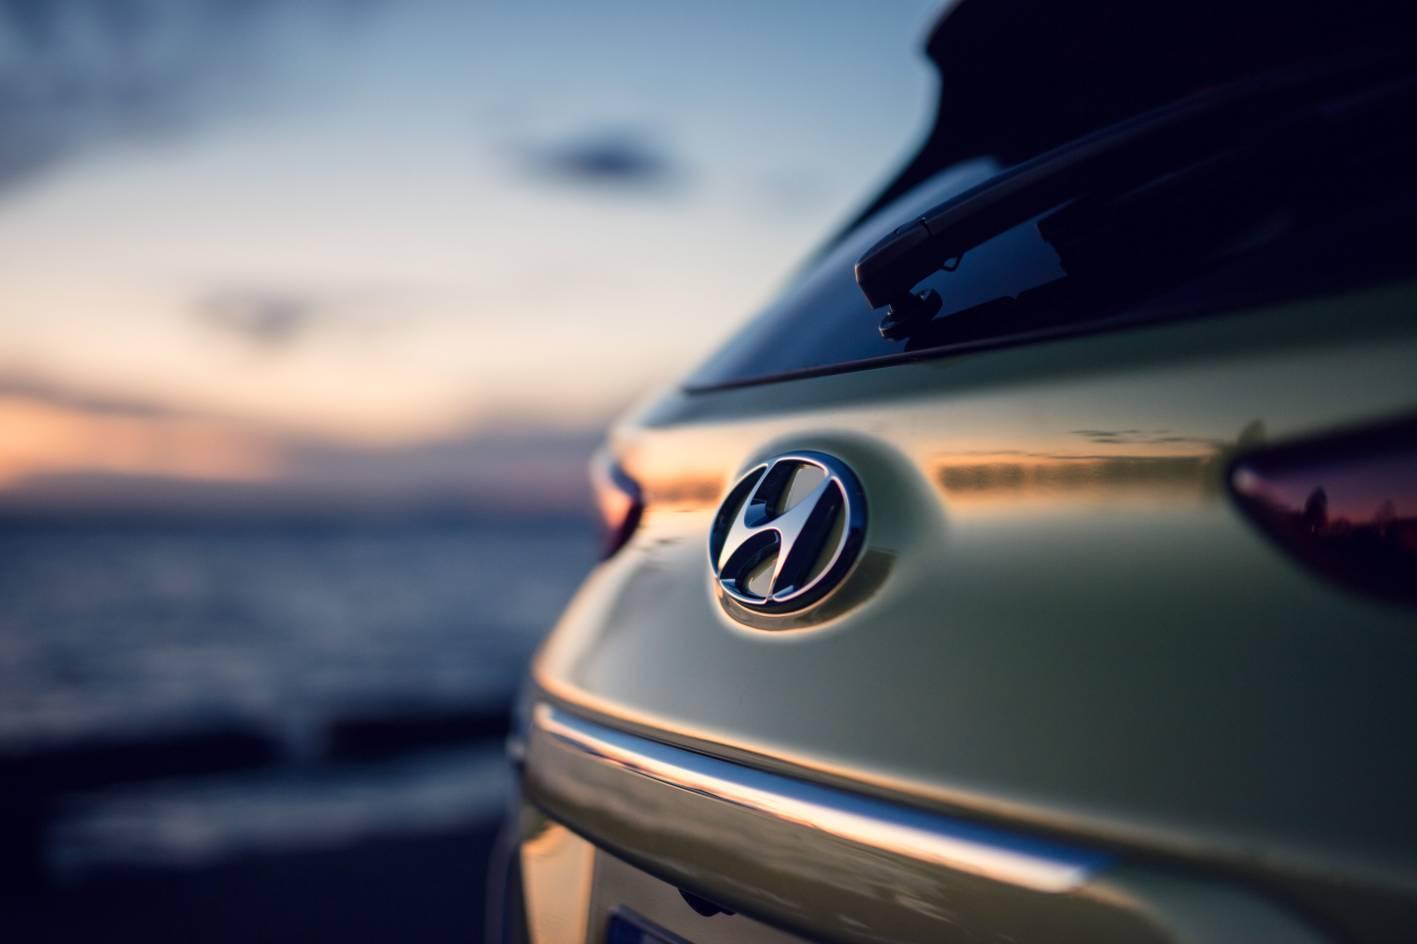 2018 Hyundai Kona general 17.jpg